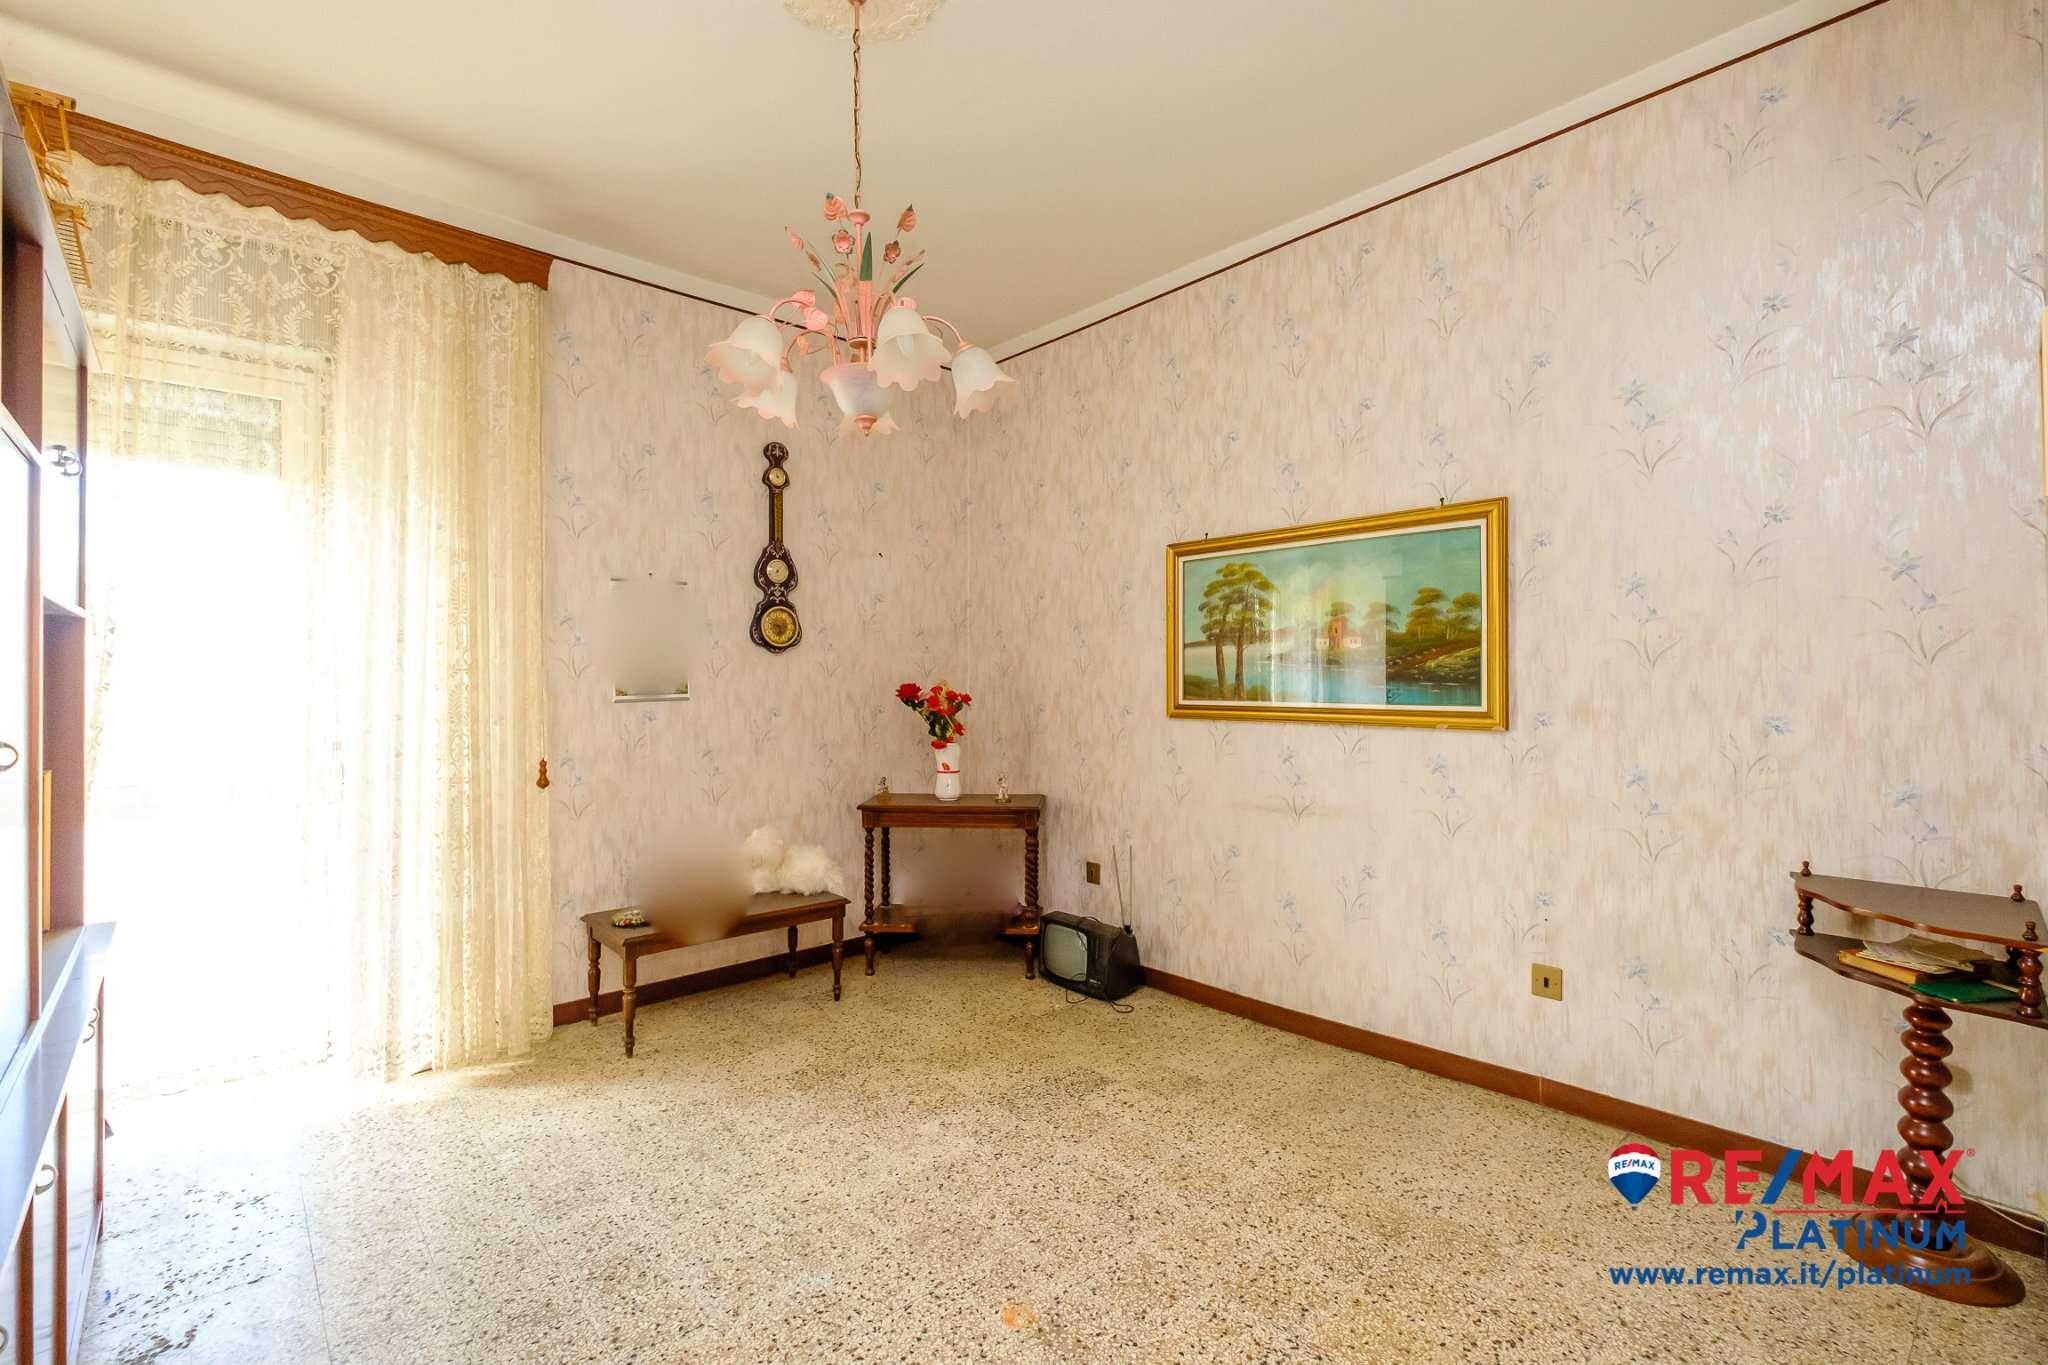 Appartamento in vendita a Catania, 4 locali, prezzo € 75.000   CambioCasa.it